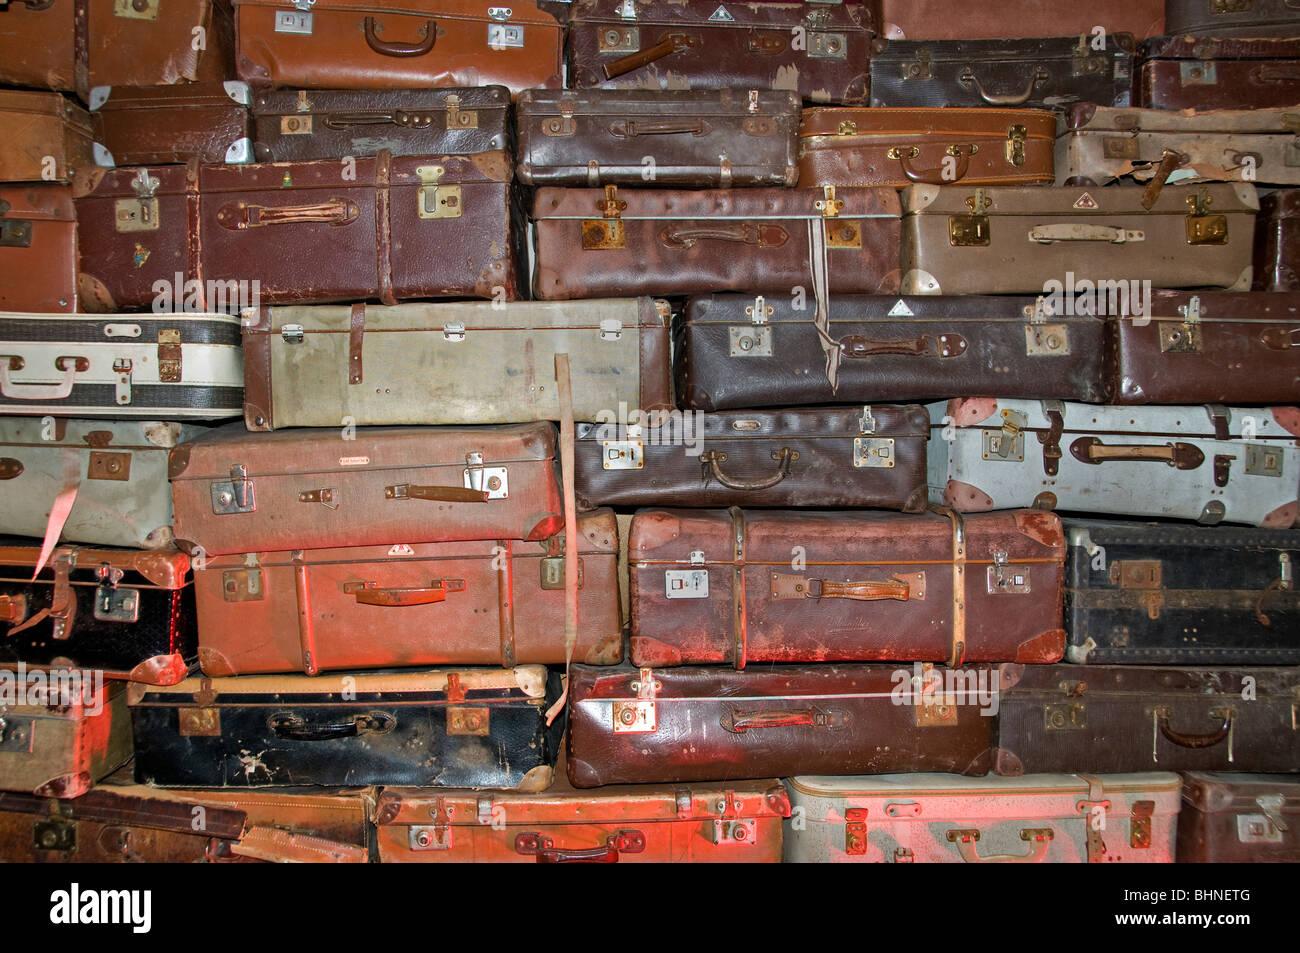 Marche aux Puces de Saint Ouen mercato delle pulci Parigi valigia borsa trunk swap vacanze viaggi Immagini Stock